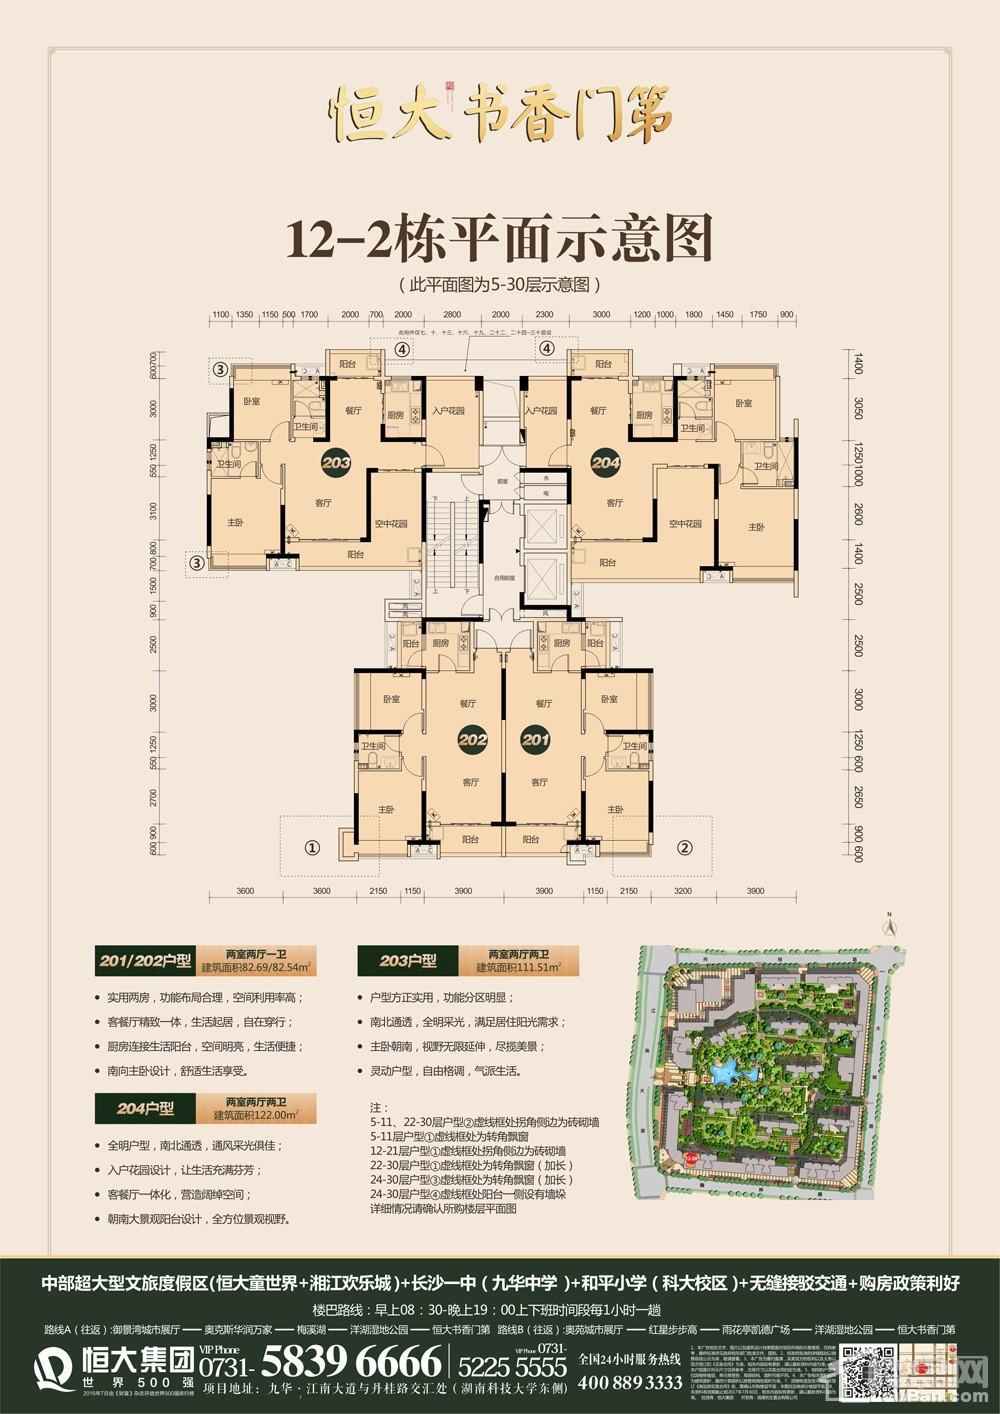 湘潭恒大书香门第12-2#栋户型图